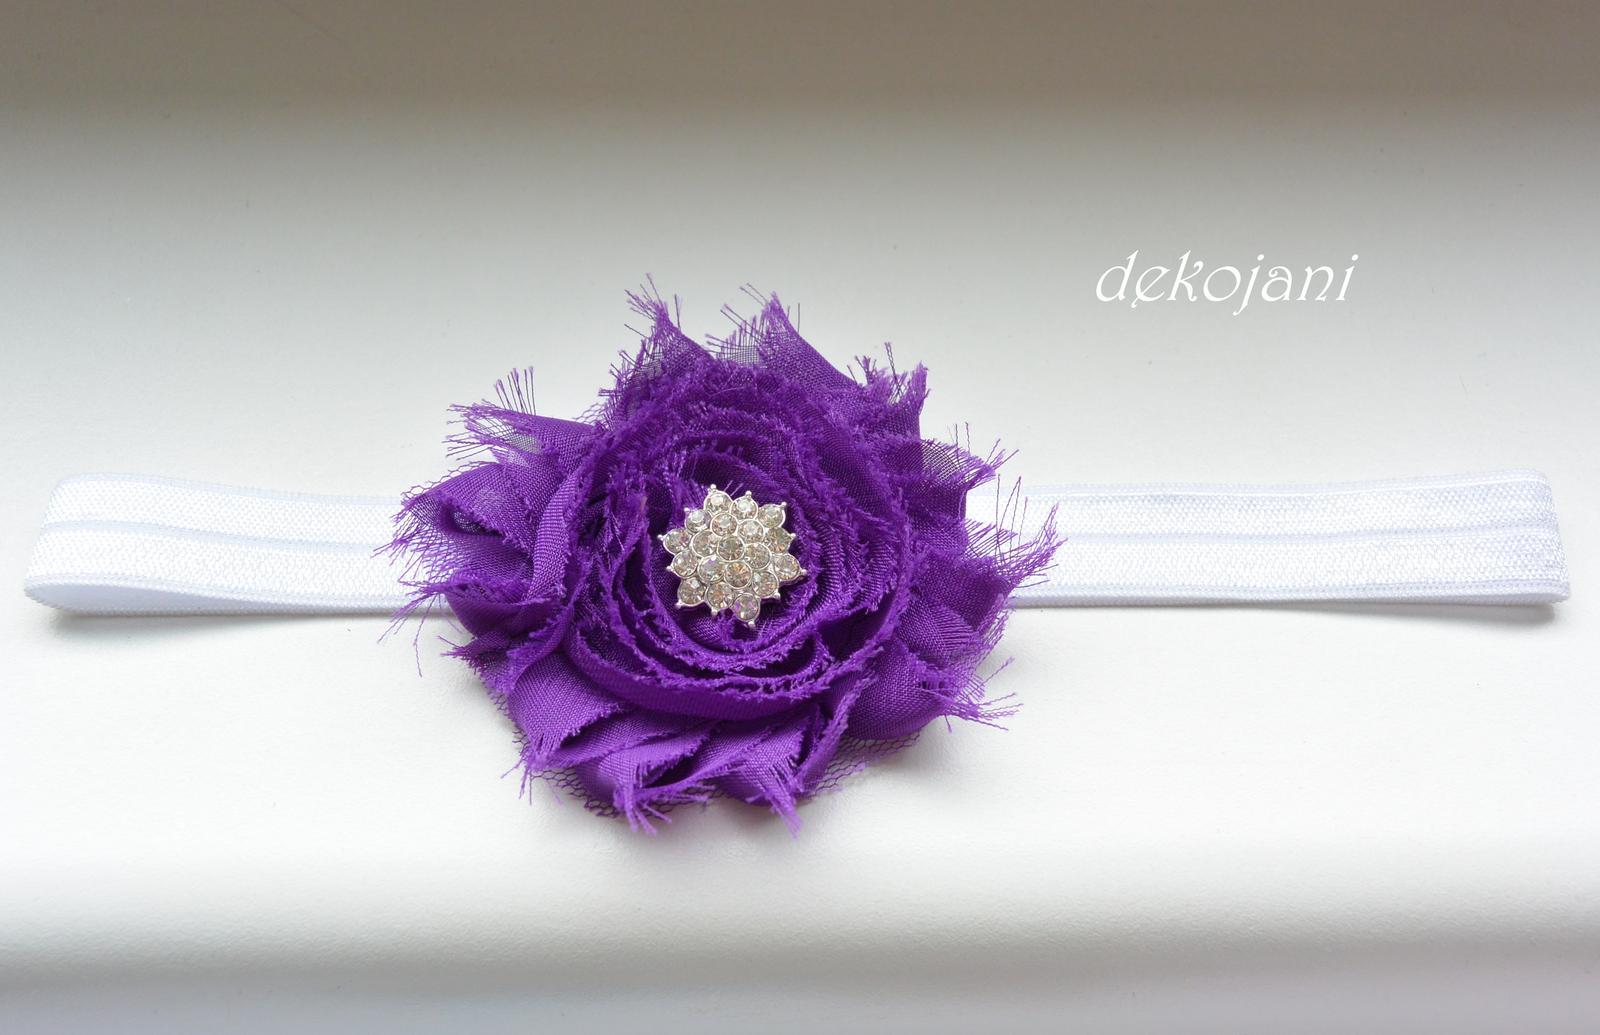 Čelenky, květiny do vlasů, náramky, obojek pro pejska... - Obrázek č. 12